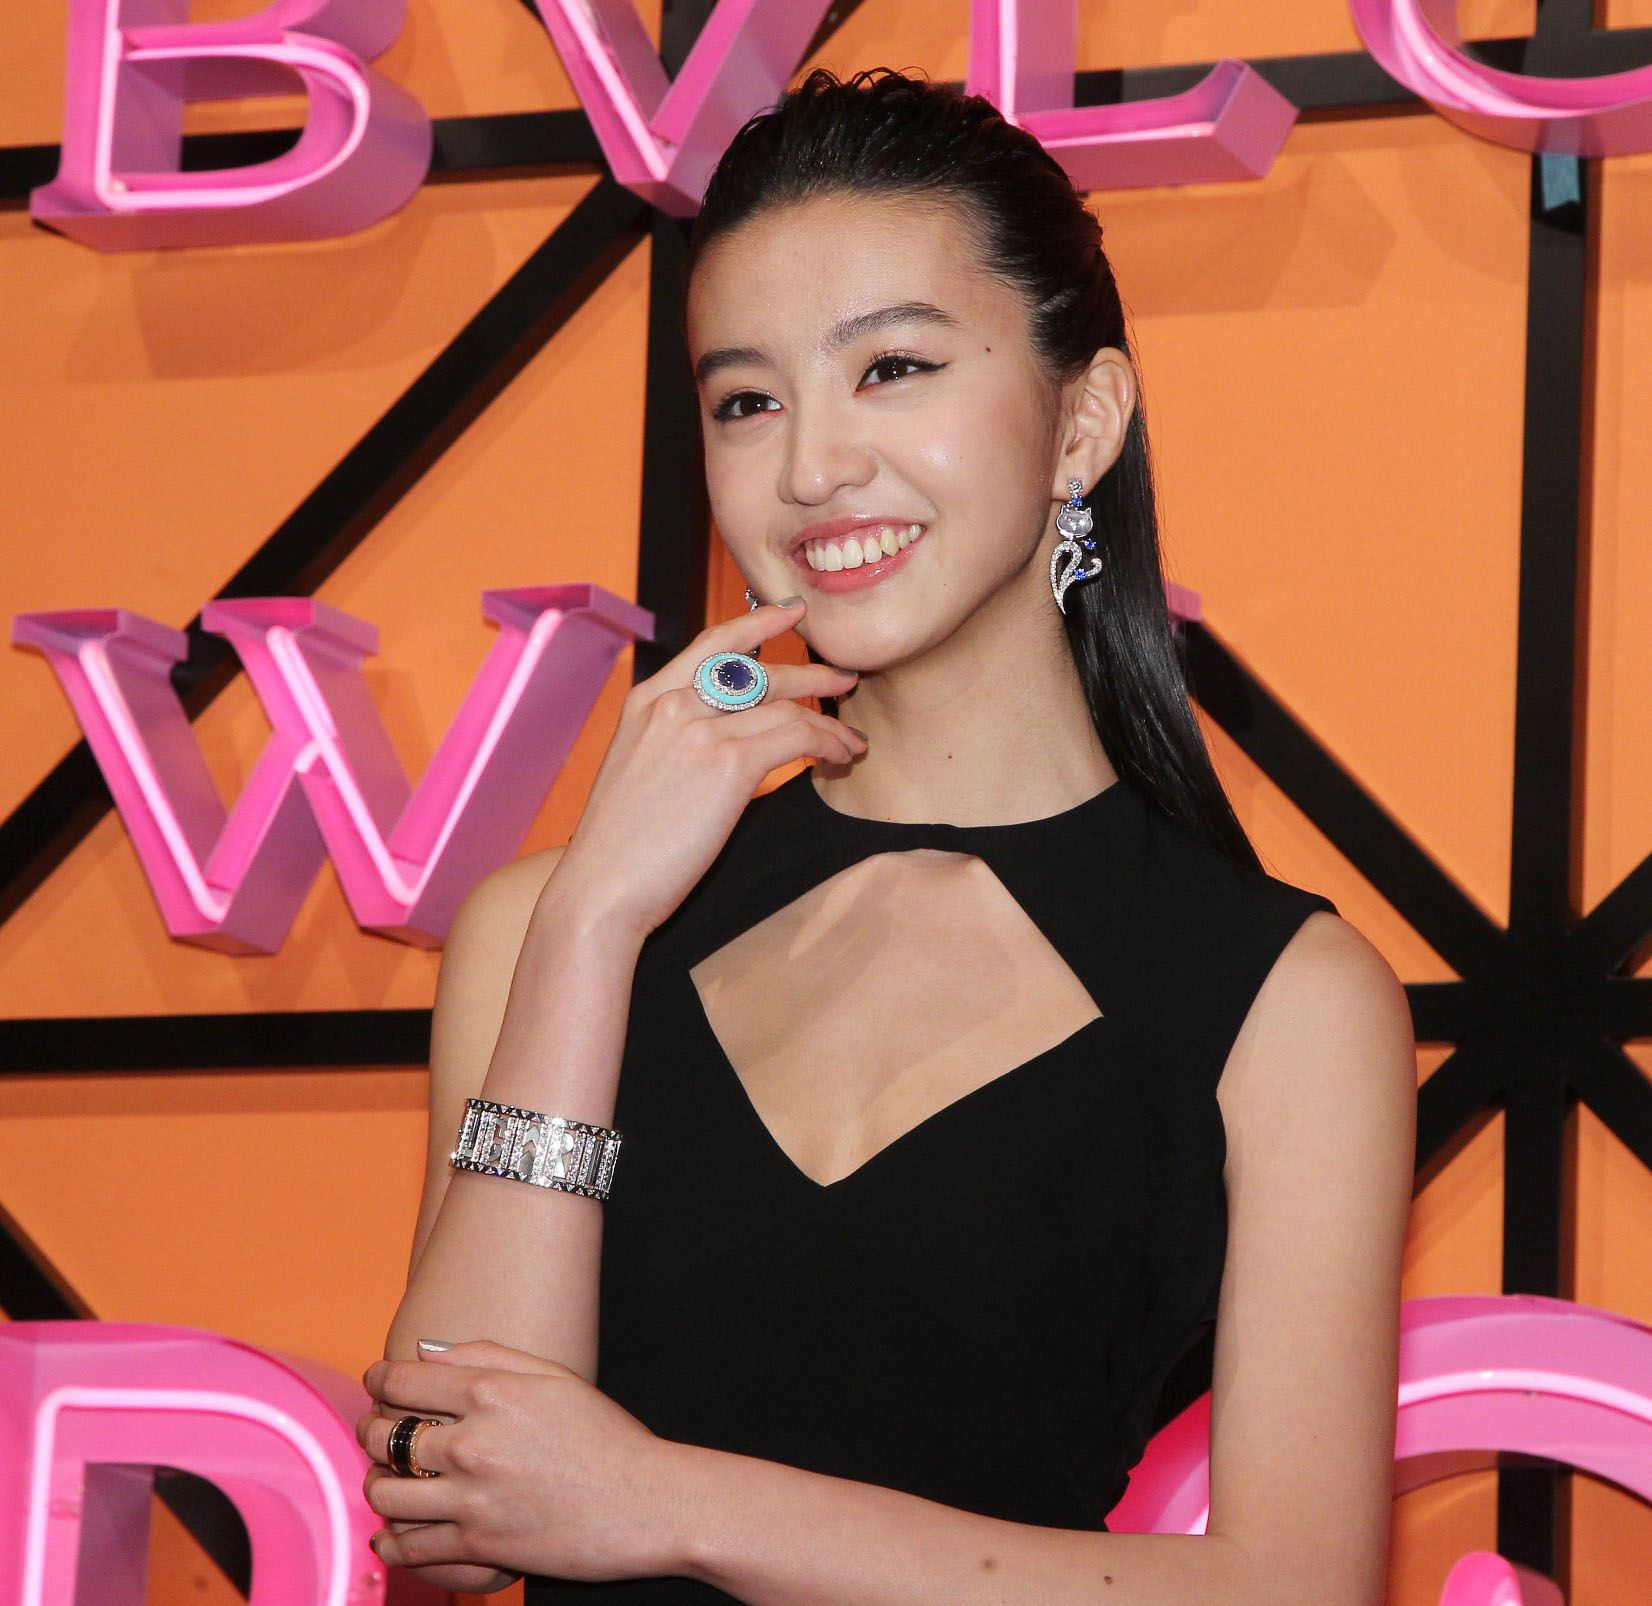 木村光希出席2019Wild Pop頂級珠寶展,有著「9頭身」的好身材有國際巨星架式。(記者邱榮吉/攝影)